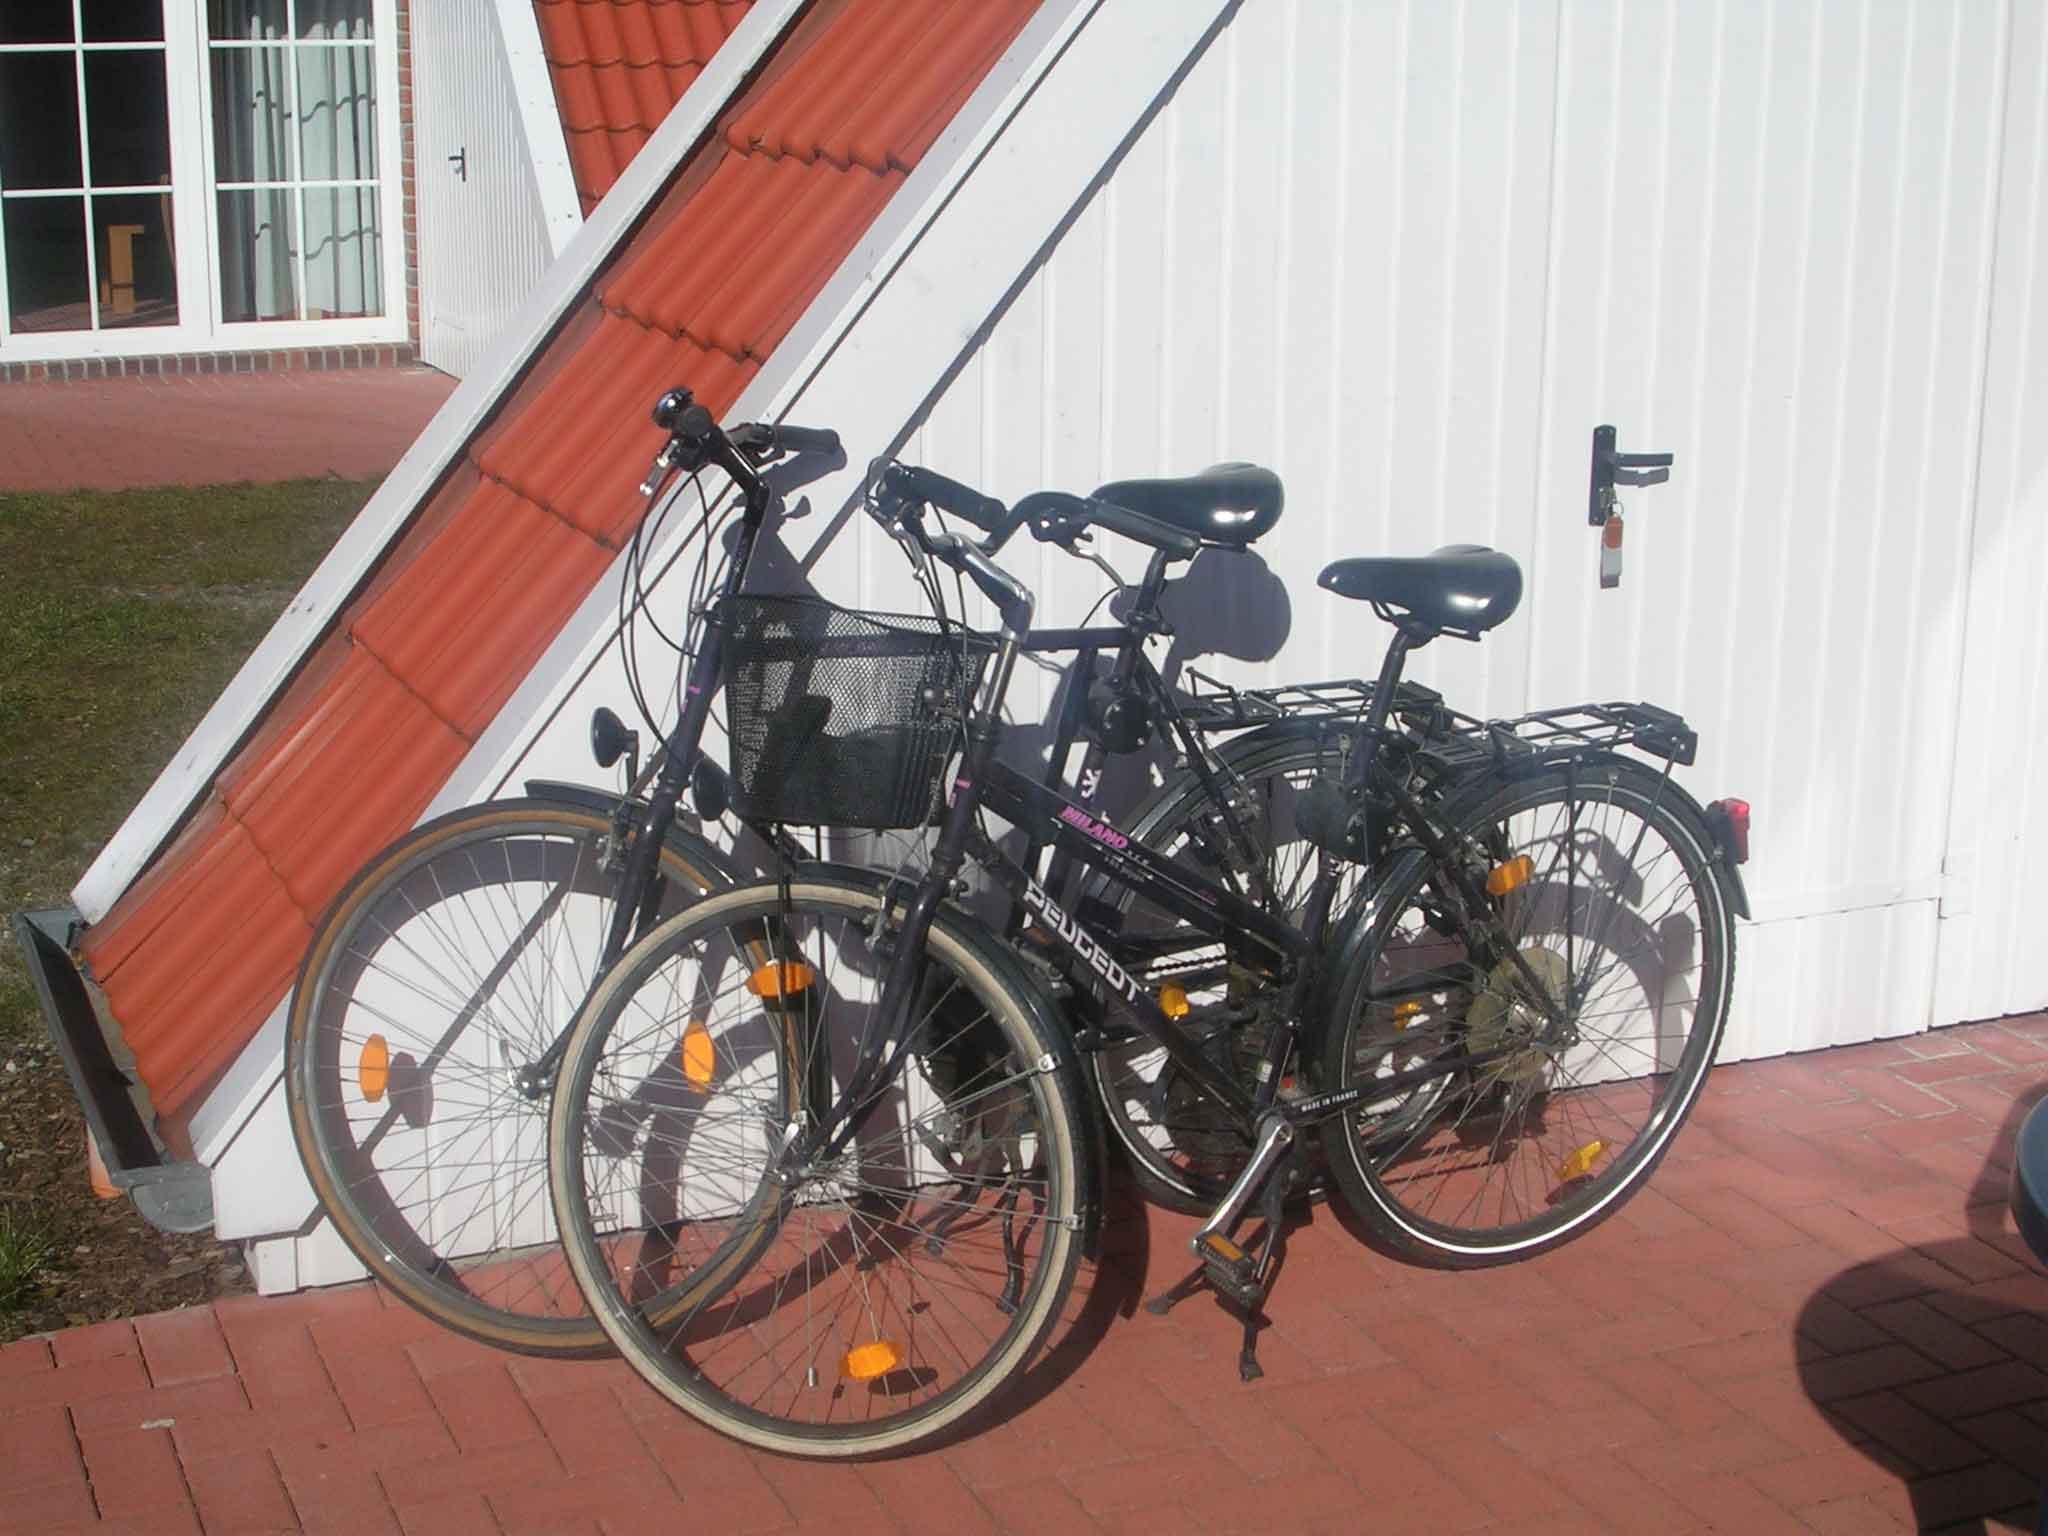 Wir stellen Ihnen diese beiden Fahhräder incl. stabiler Kindersitze zur Verfügung